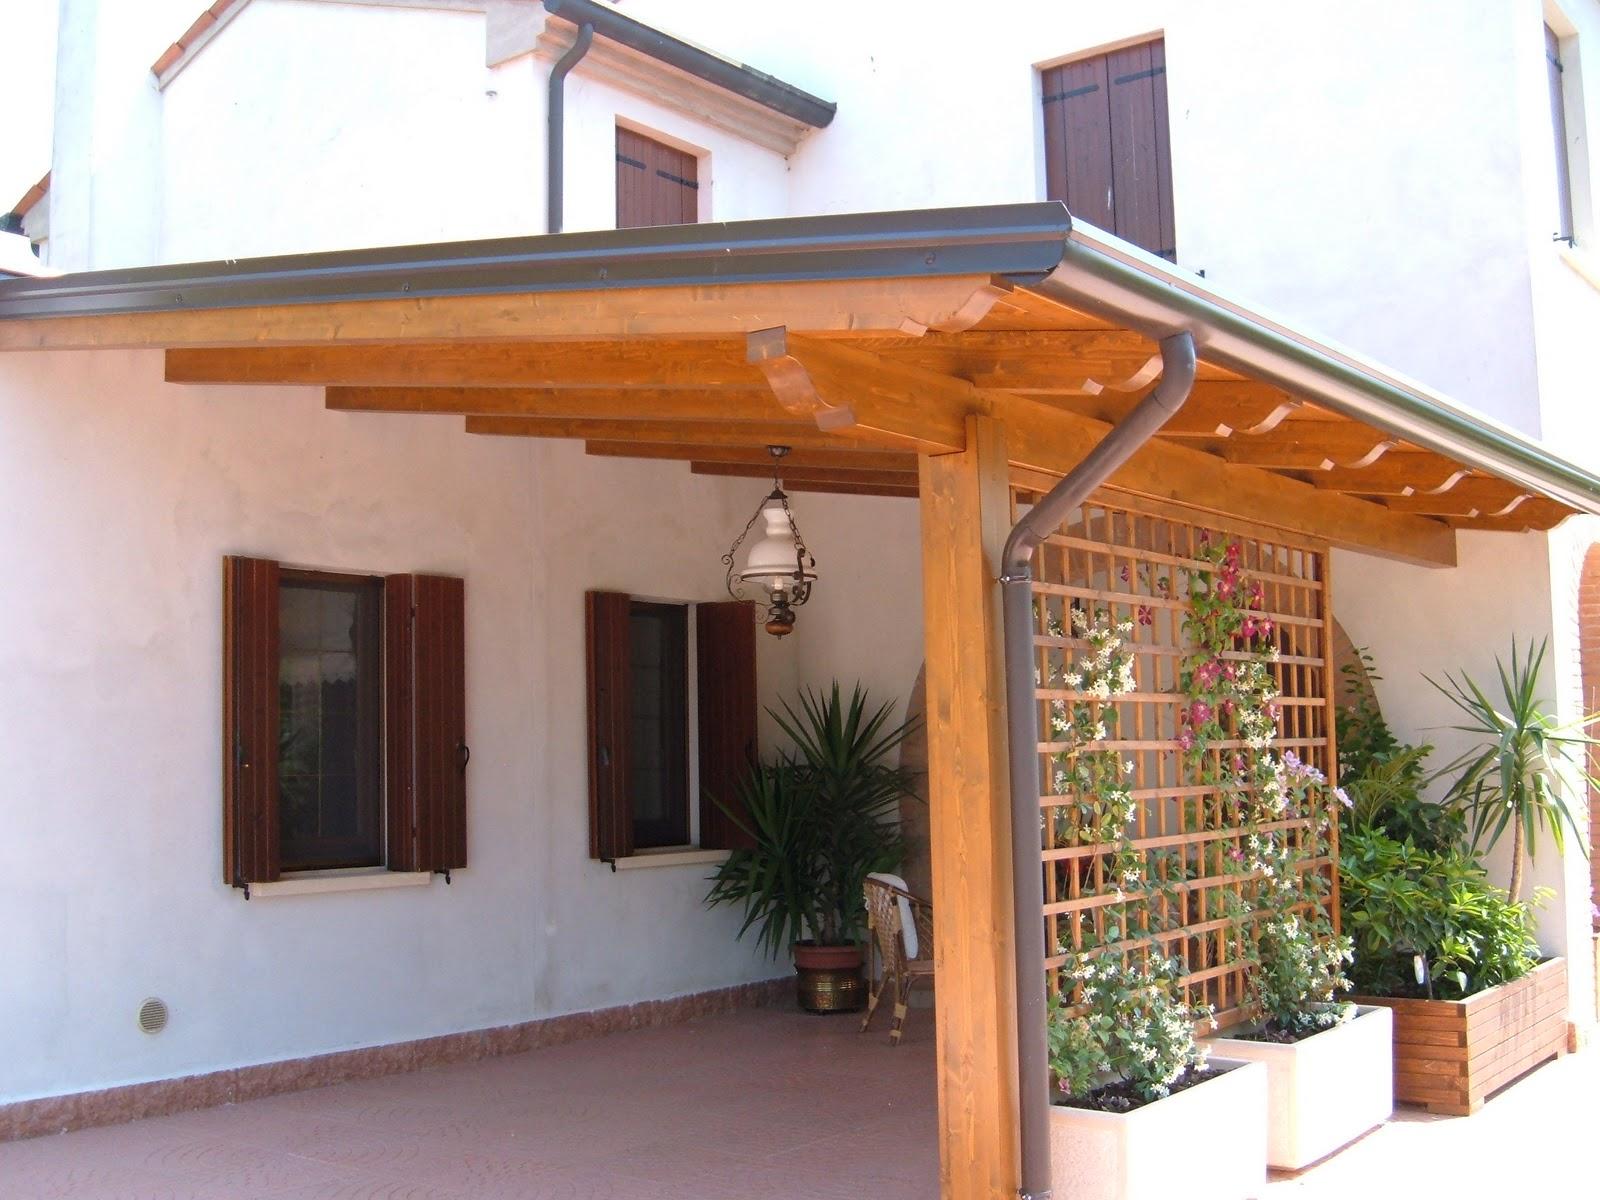 Maderas dise os proyectos for Tejabanes para terrazas